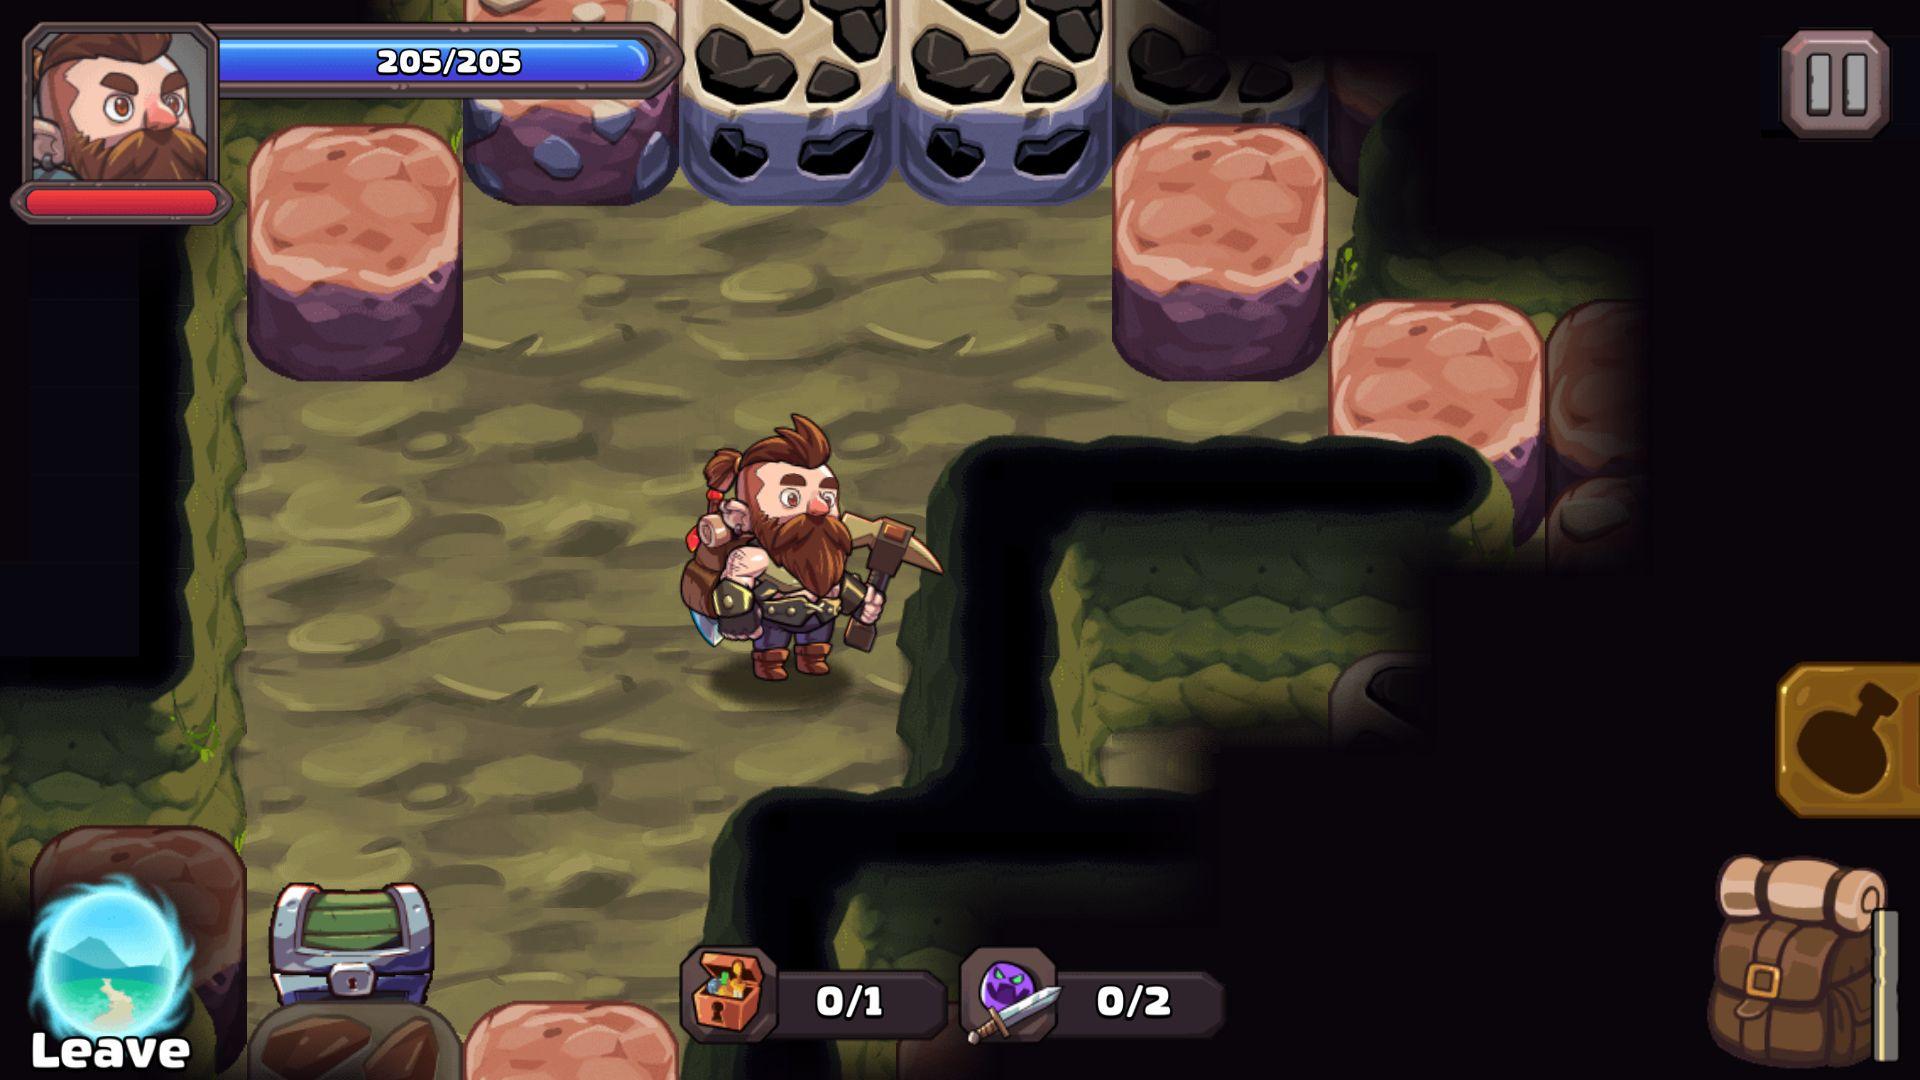 androidアプリ マインクエスト2(Mine Quest 2)攻略スクリーンショット3